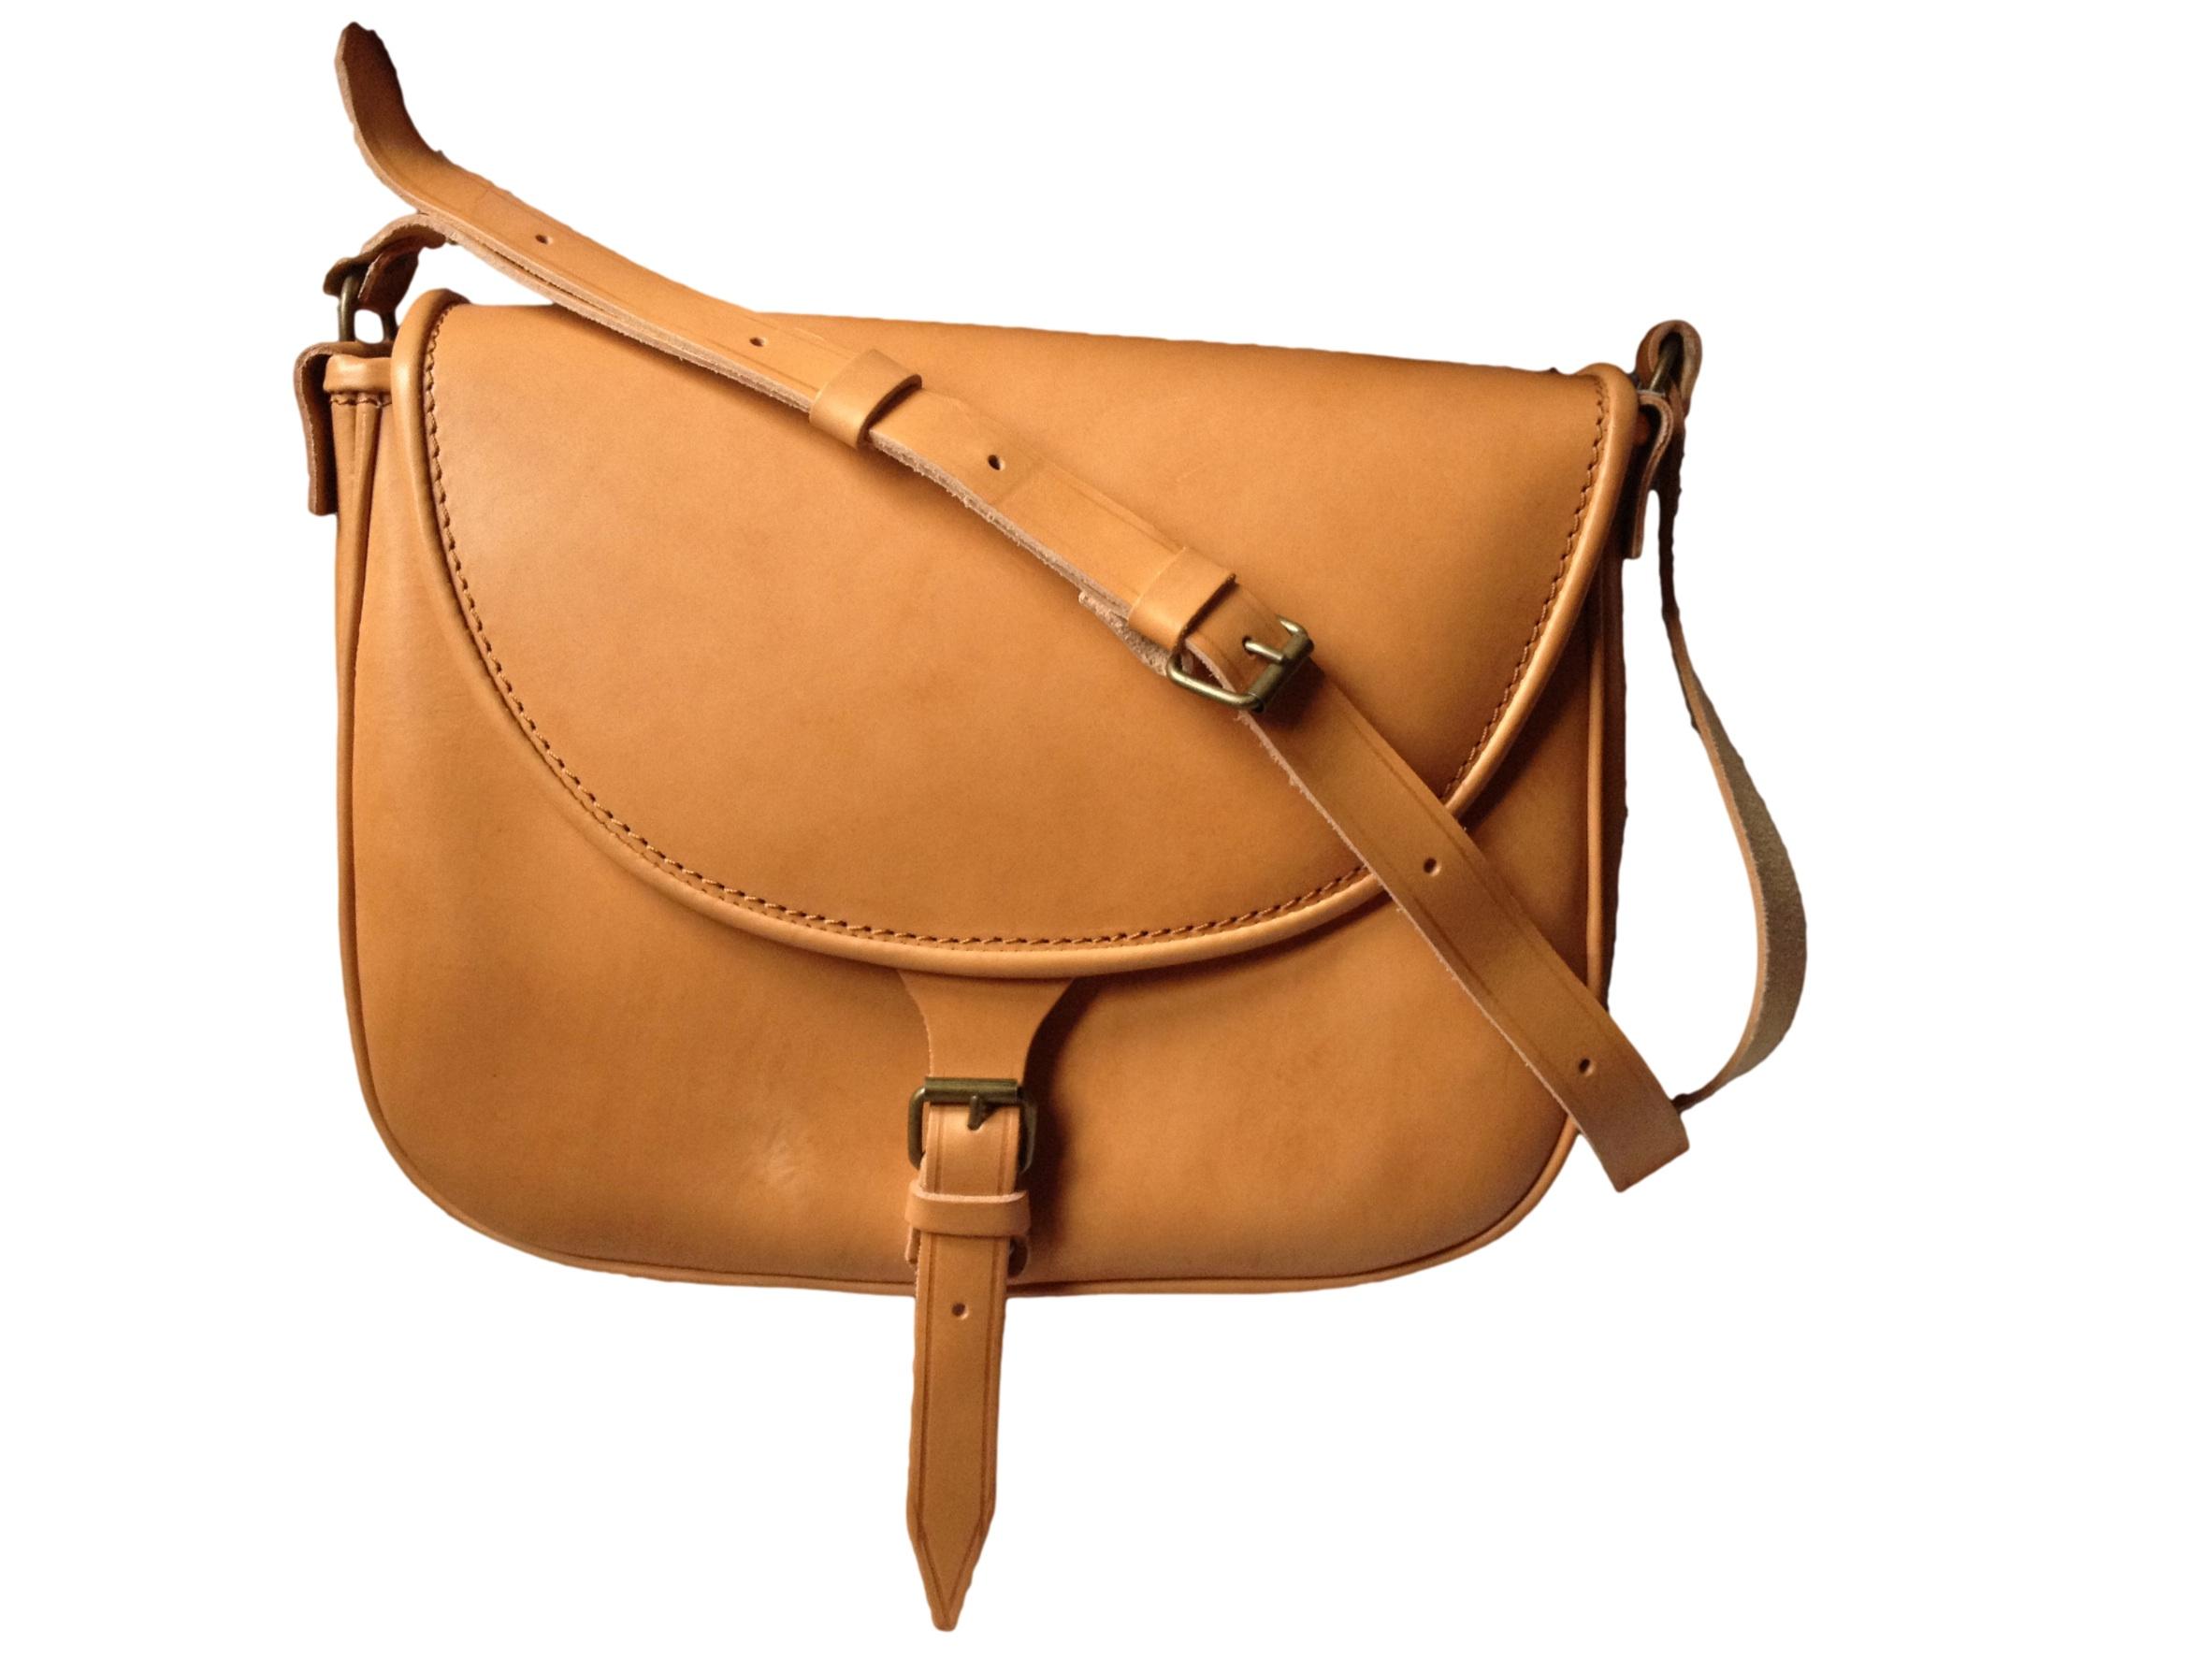 2b5960e92c493 Caratteristiche delle borse in pelle de La Tolfetana